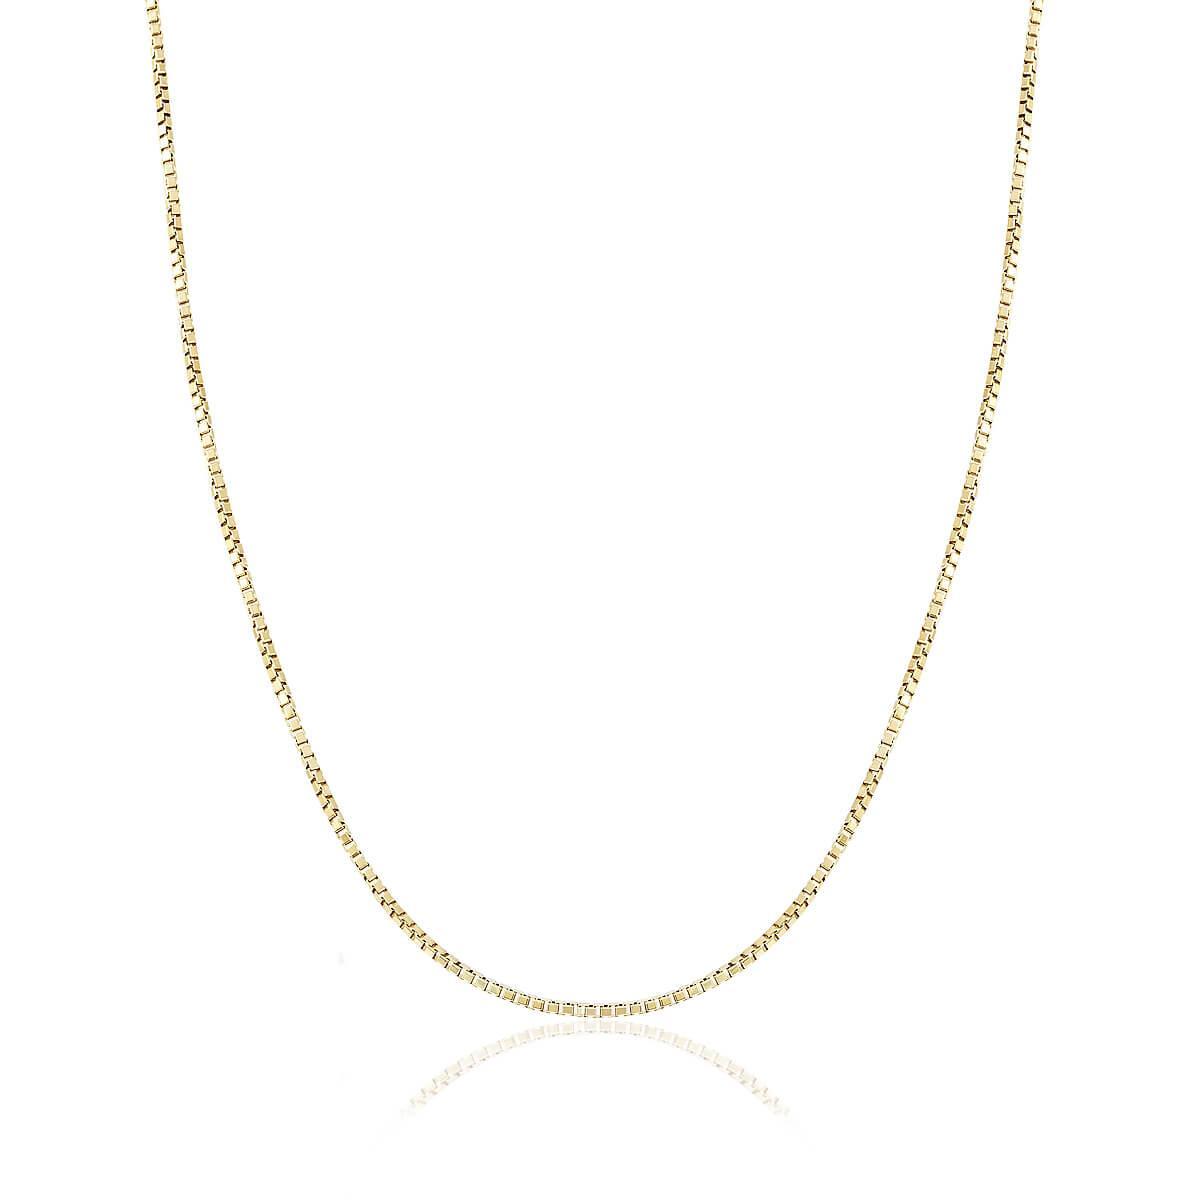 Corrente de Ouro Feminina Malha Veneziana, com 60 cm 4f61b109d0